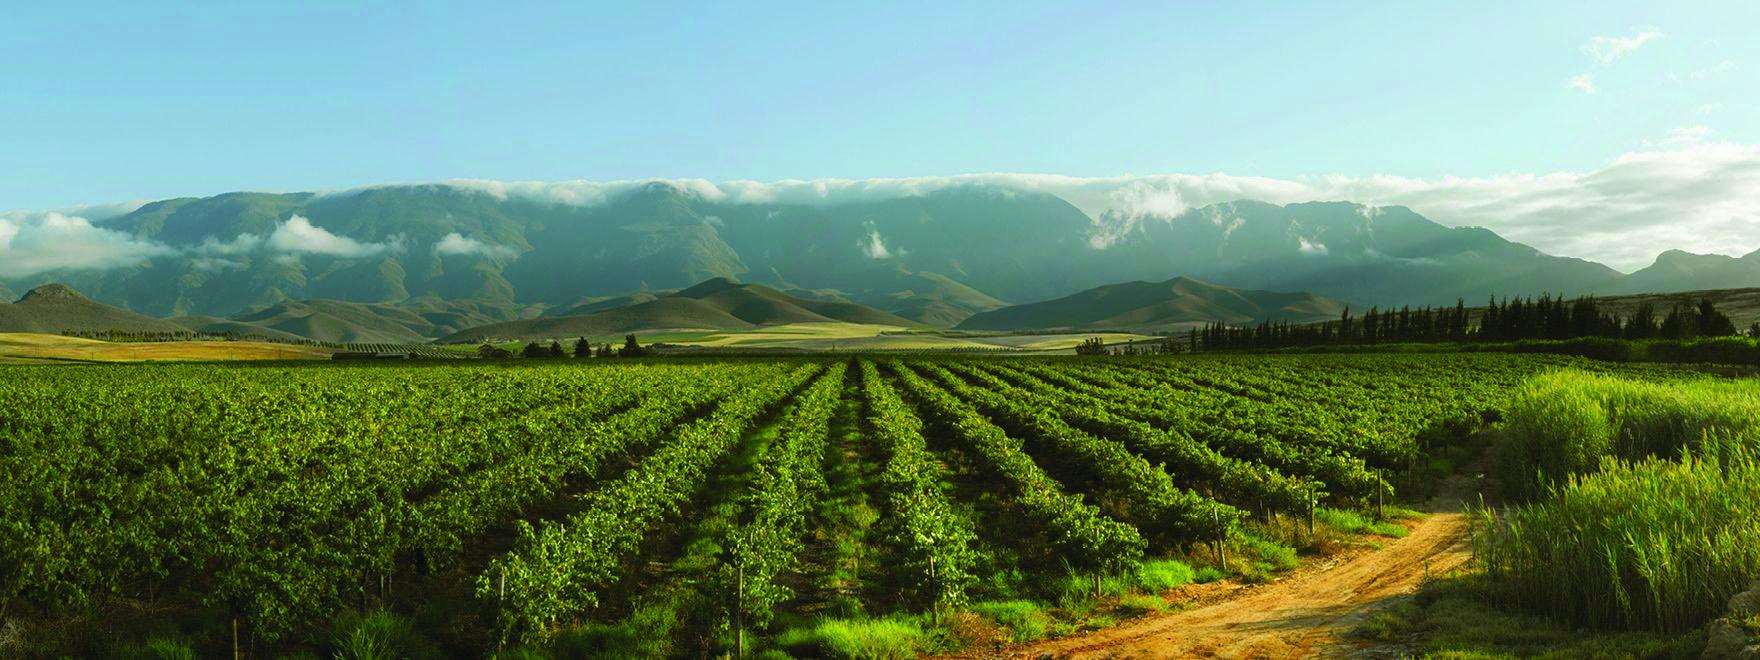 Bonnievale Wines vineyard